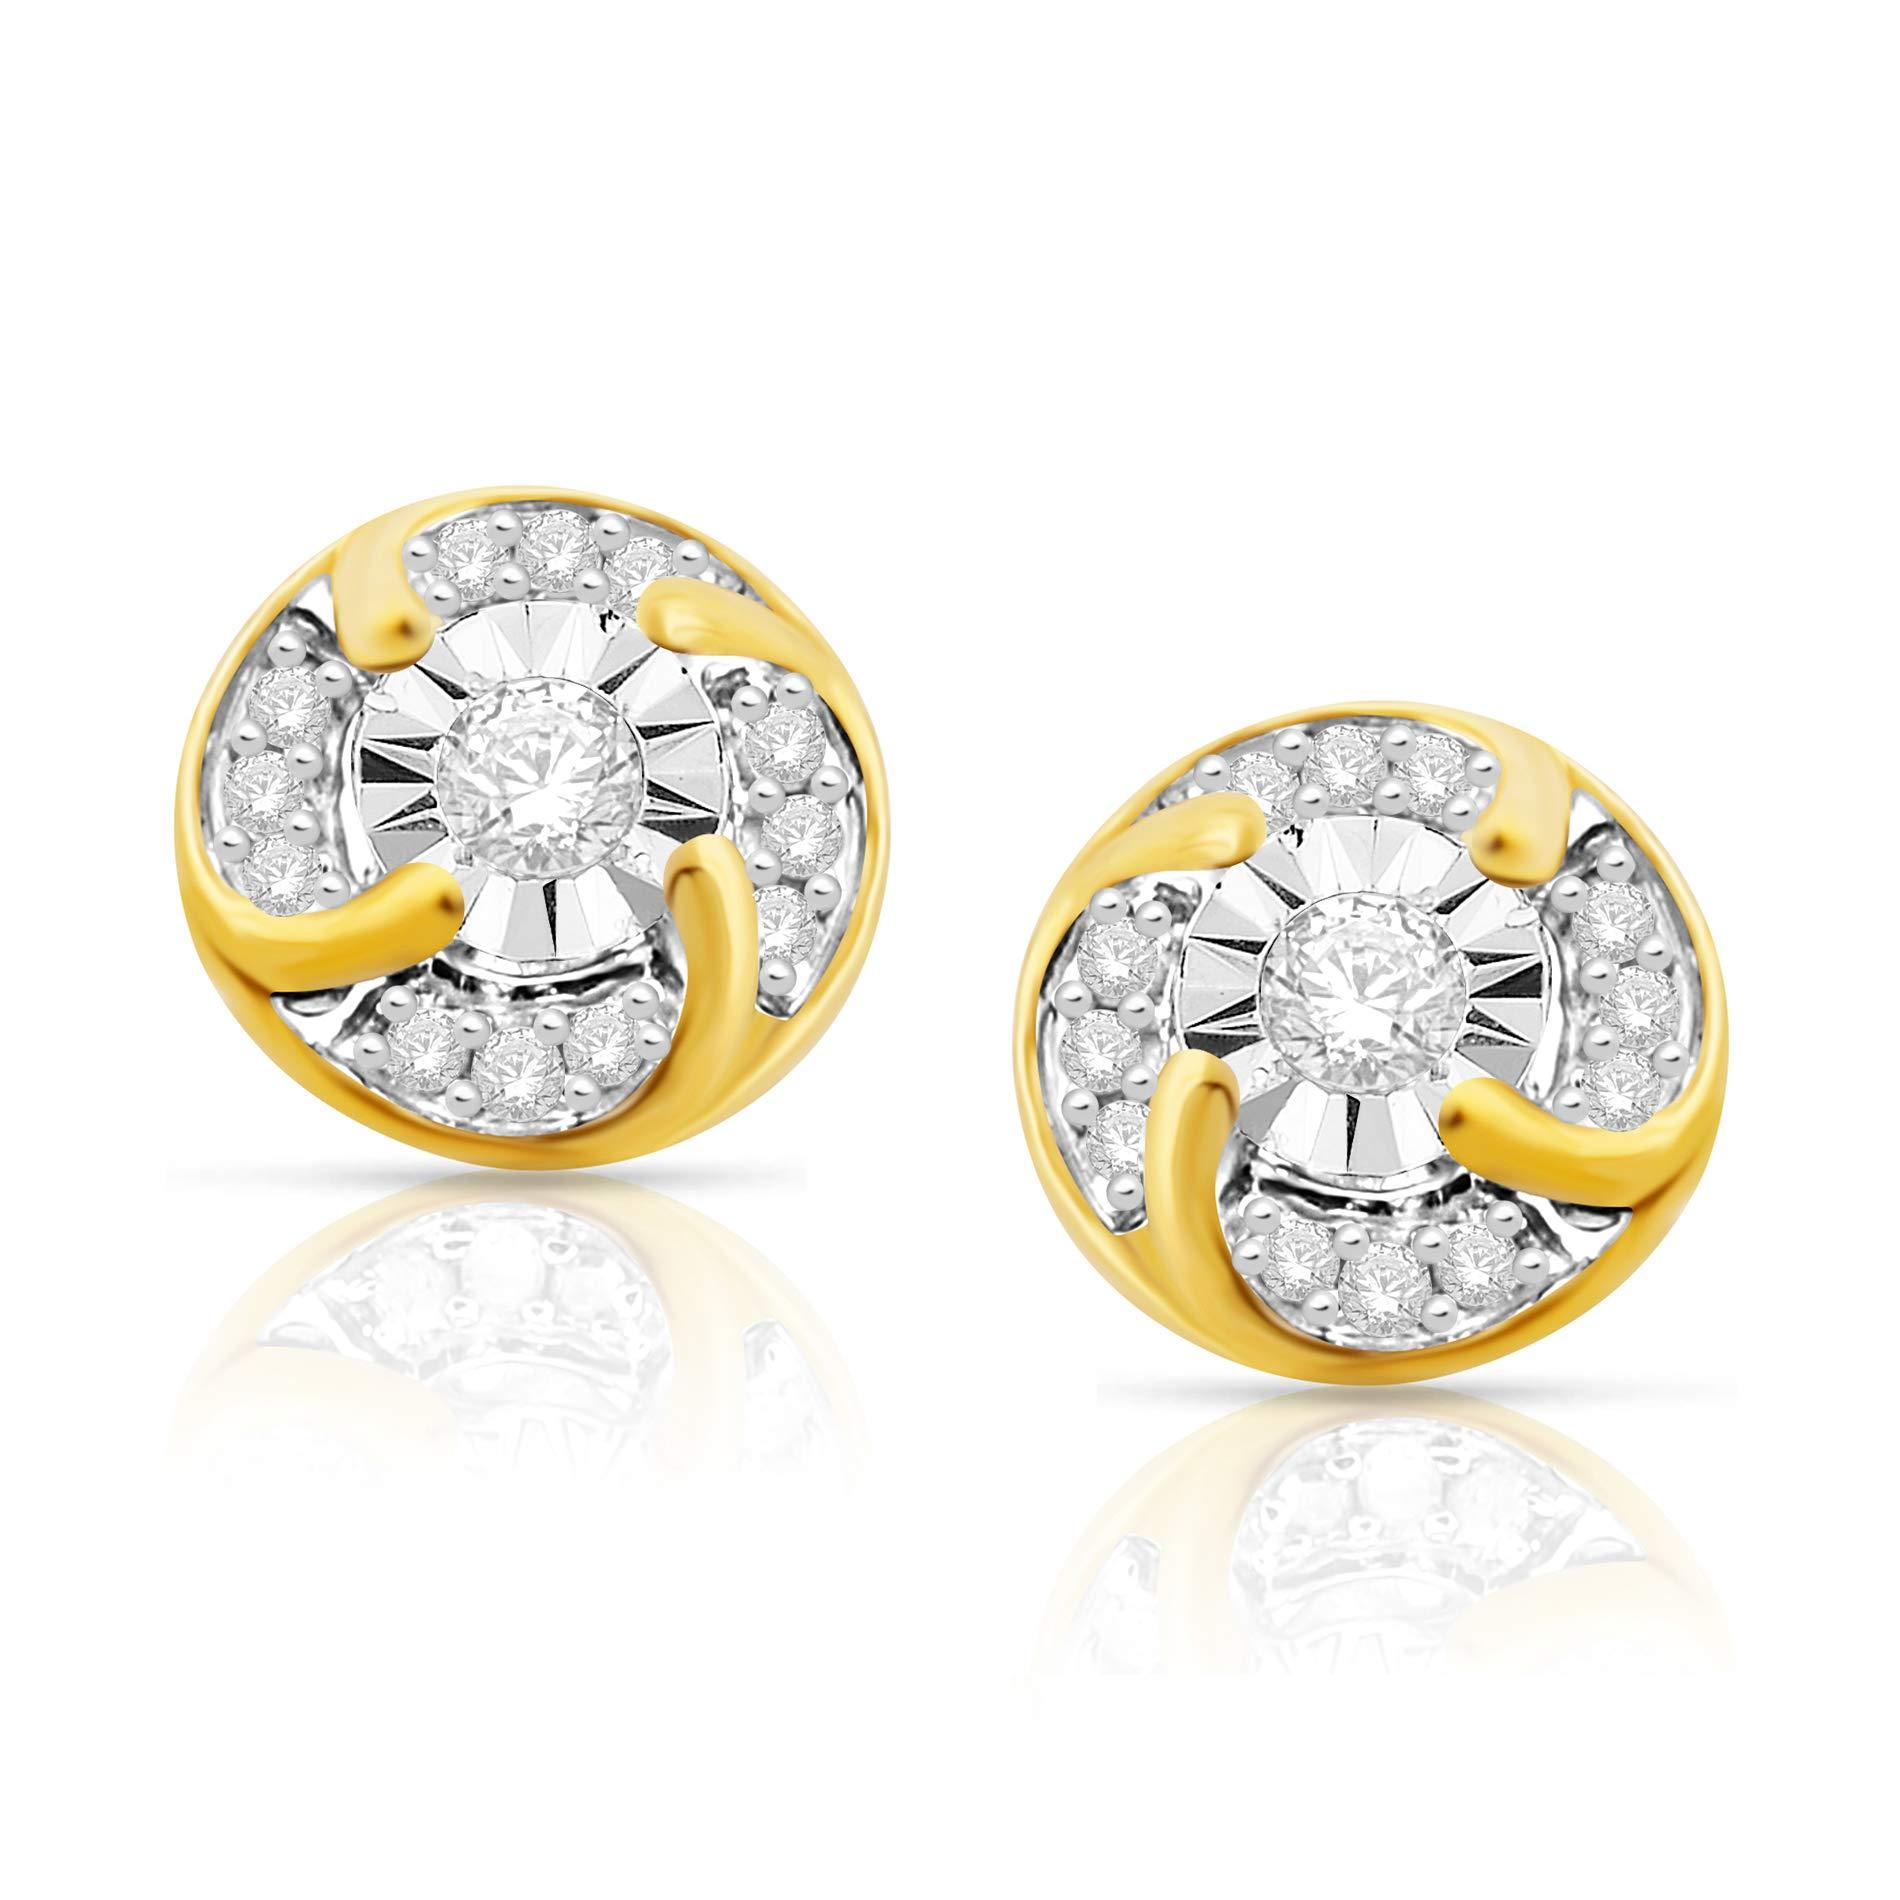 10K Yellow Gold Stud Earrings w/Pinwheel Set Round Diamond - 1/4 Carat